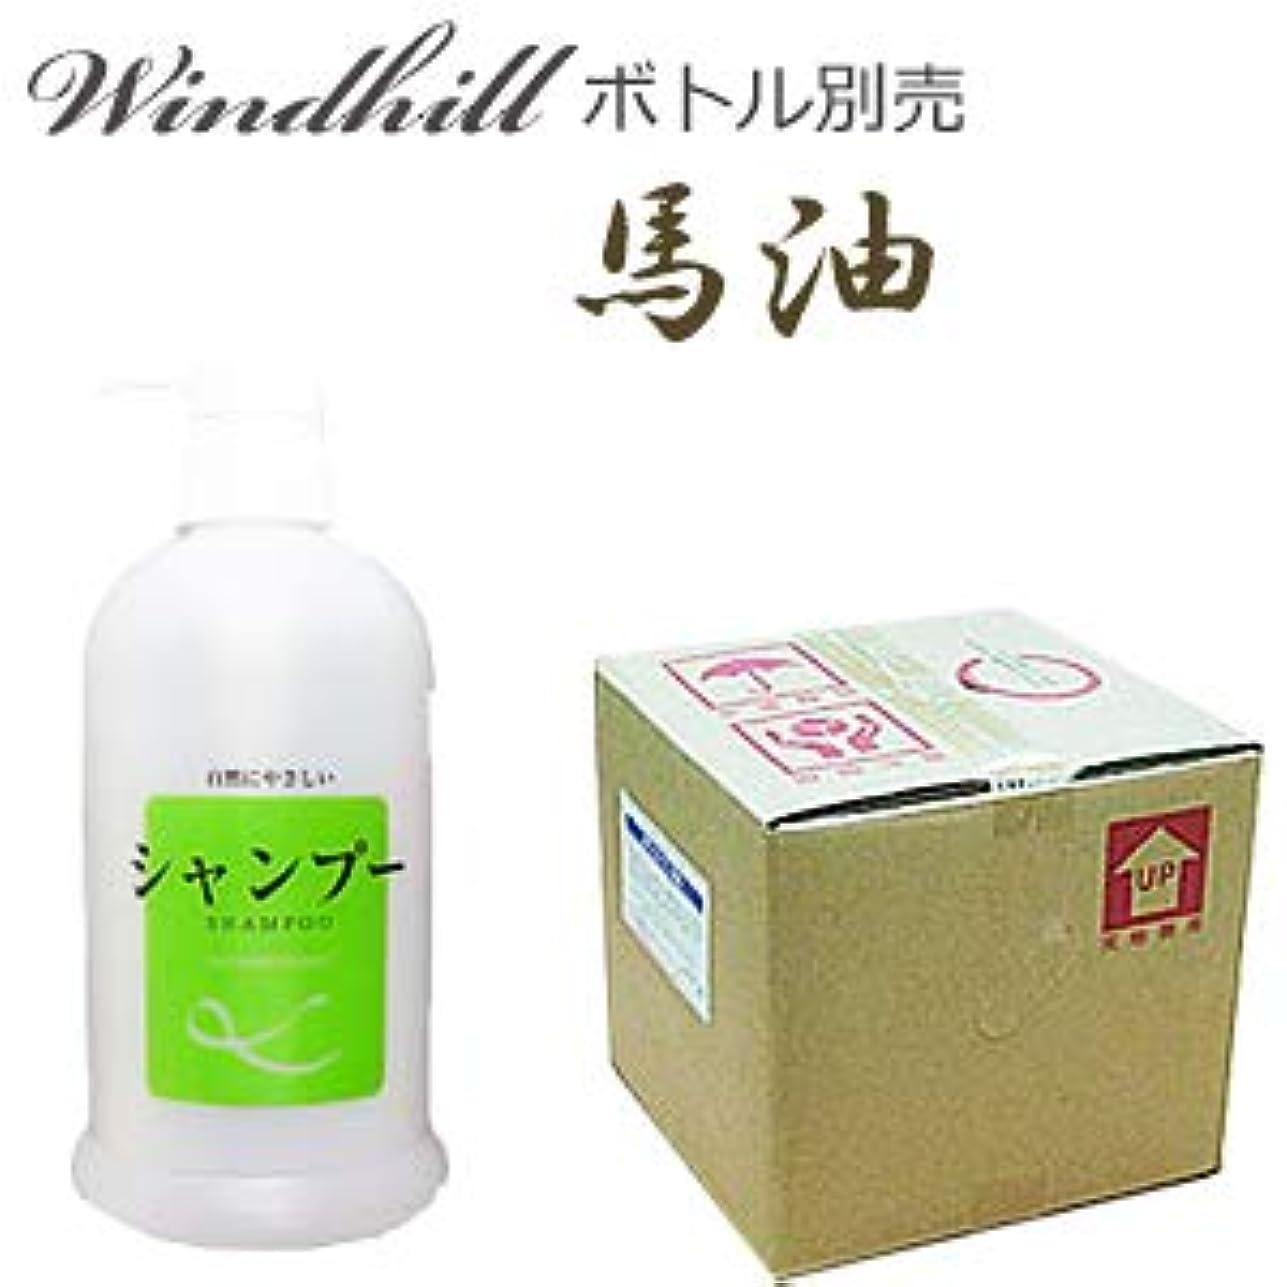 アジアメイド不十分なんと! 500ml当り190円 Windhill 馬油 業務用 シャンプー フローラルの香り 20L